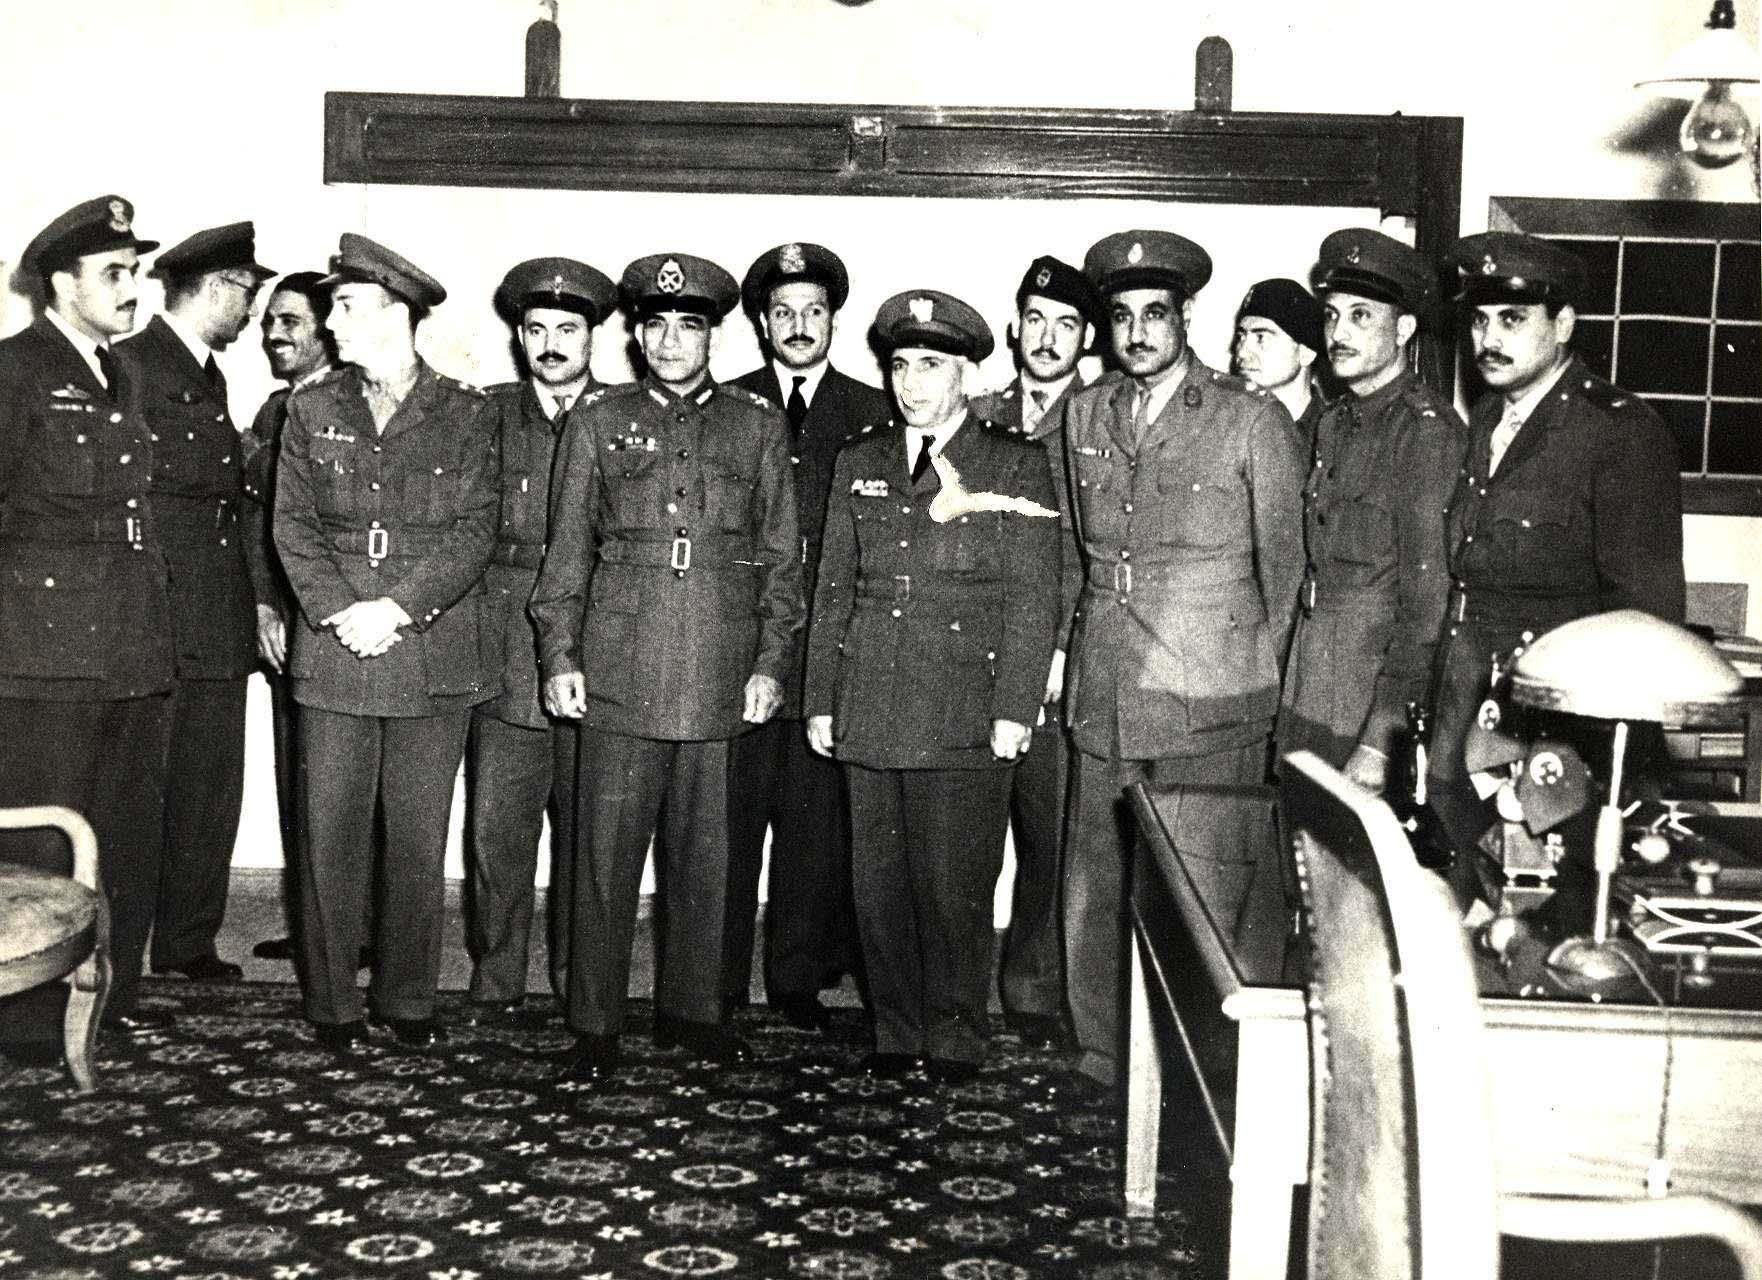 نتيجة بحث الصور عن مجلس قيادة الثورة